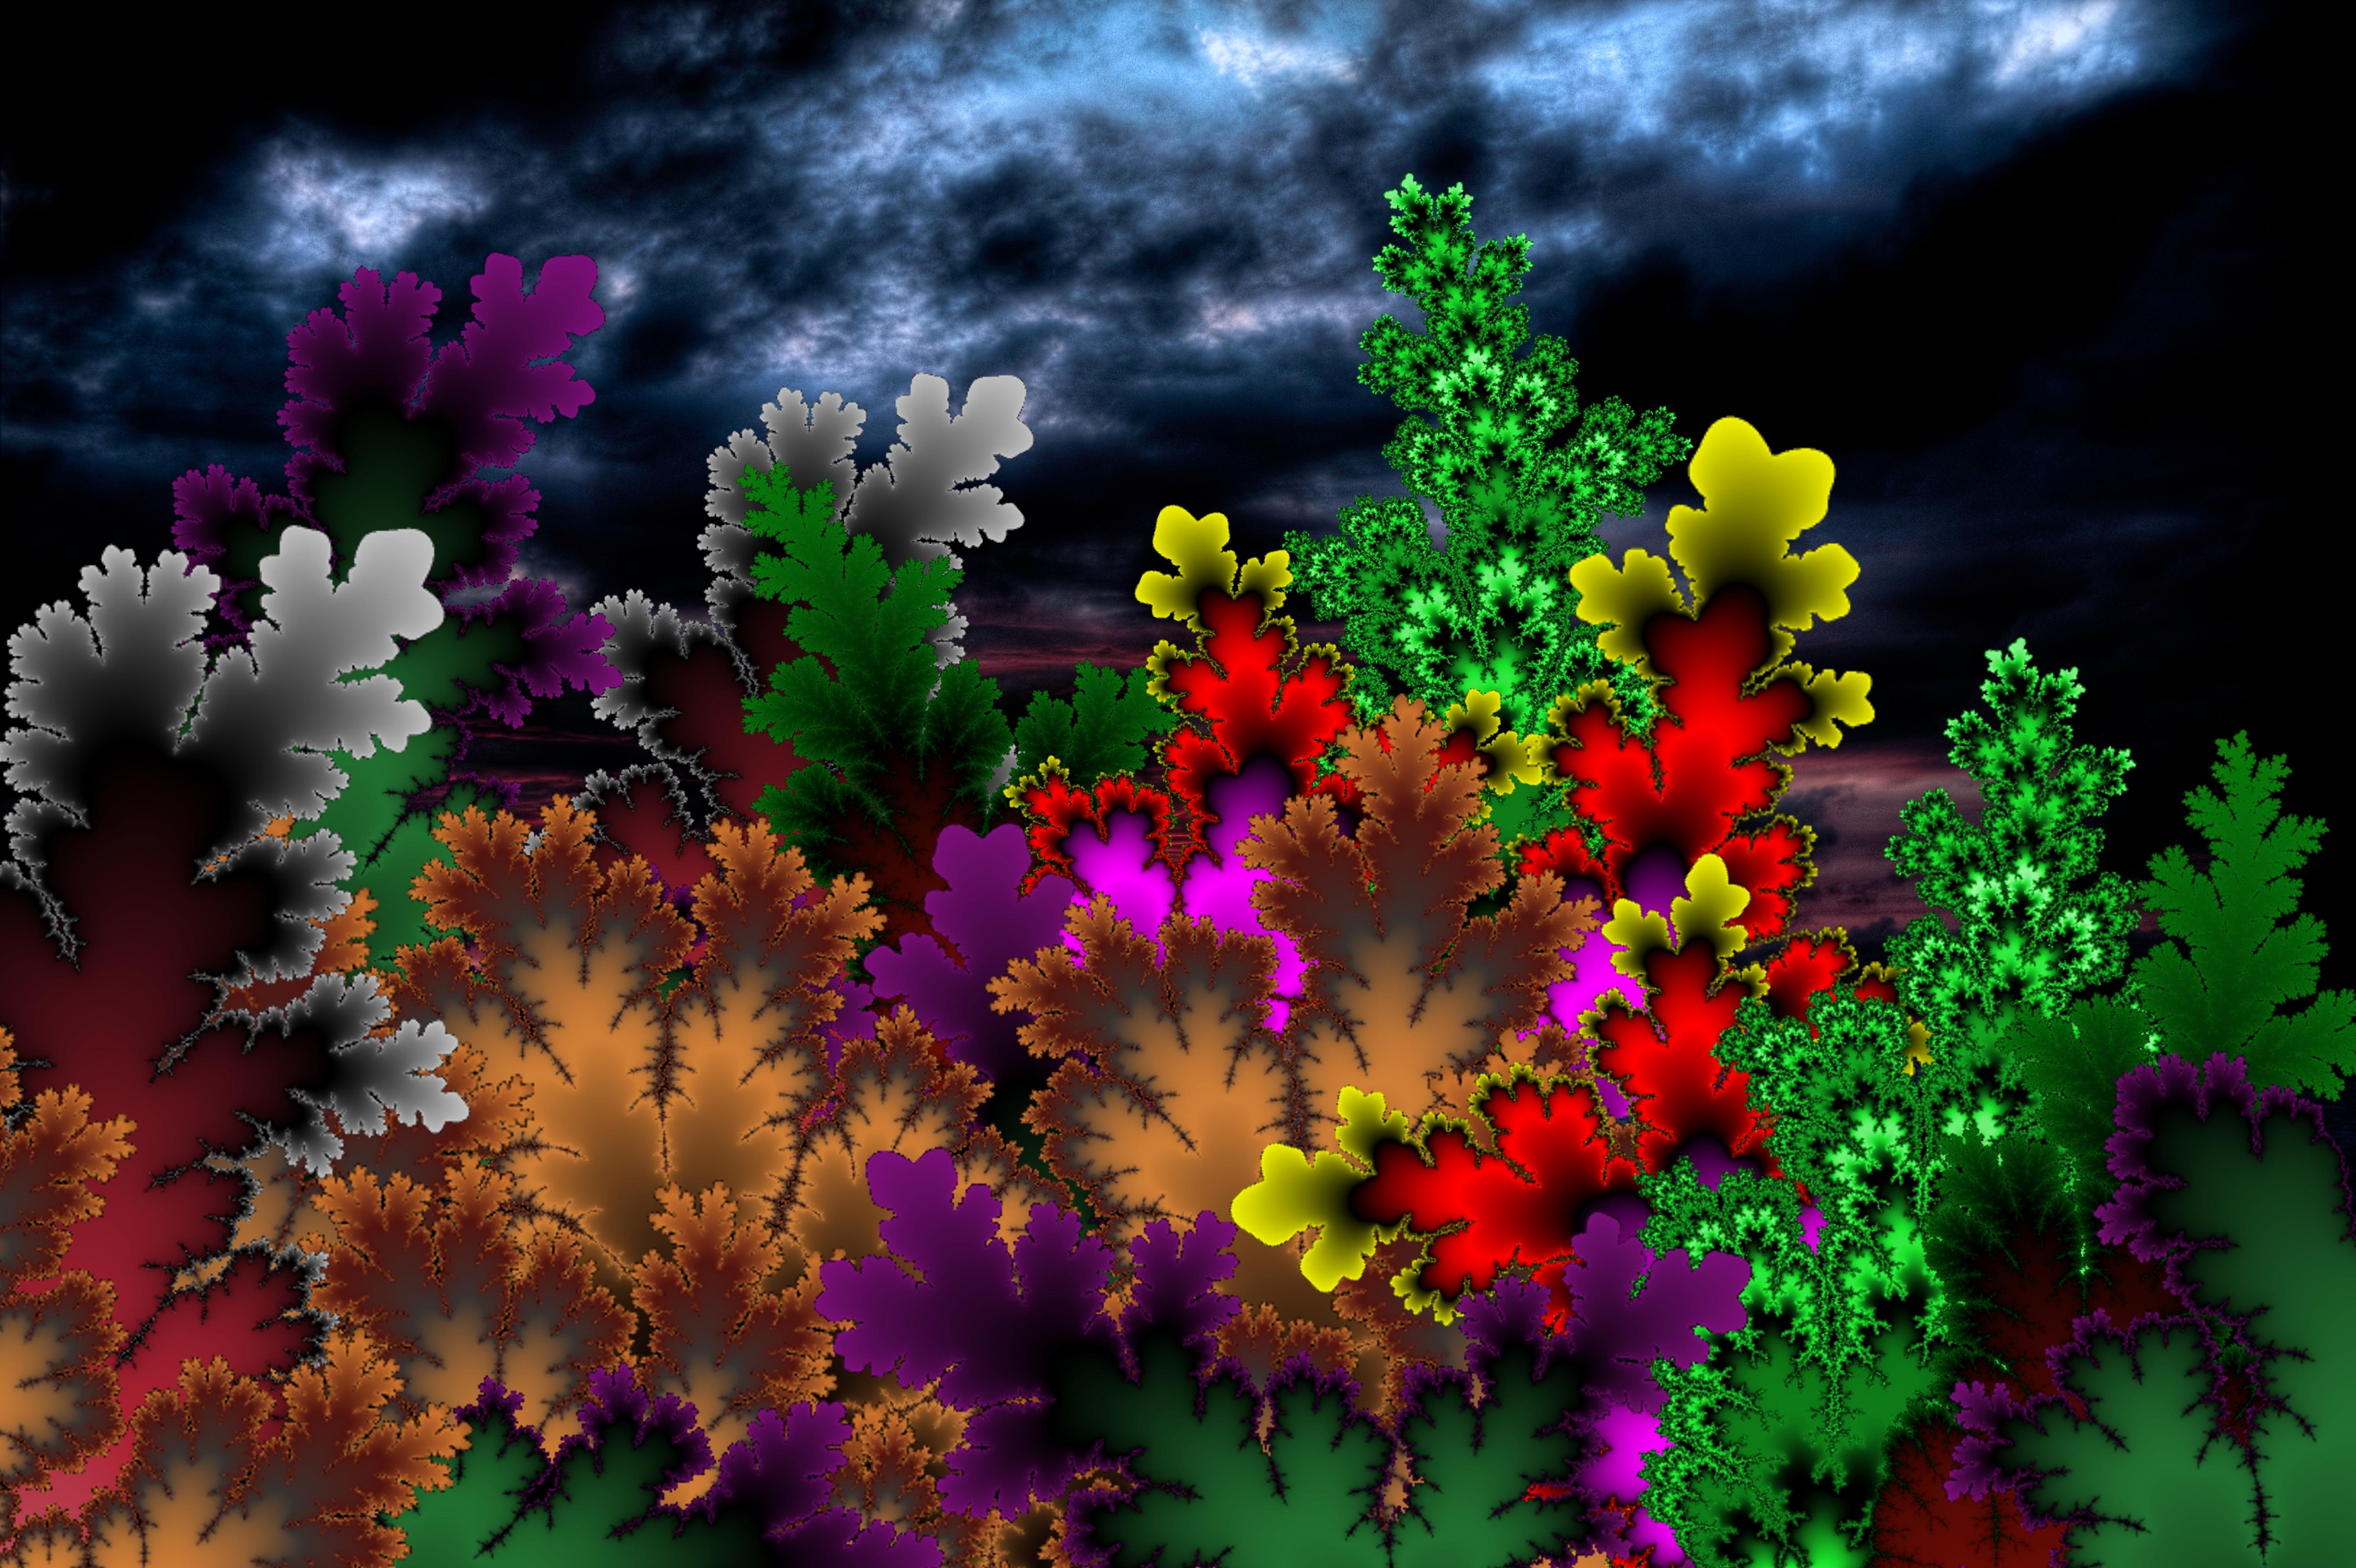 147772 скачать обои Абстракция, Разноцветный, Фон, Темный, Узоры - заставки и картинки бесплатно